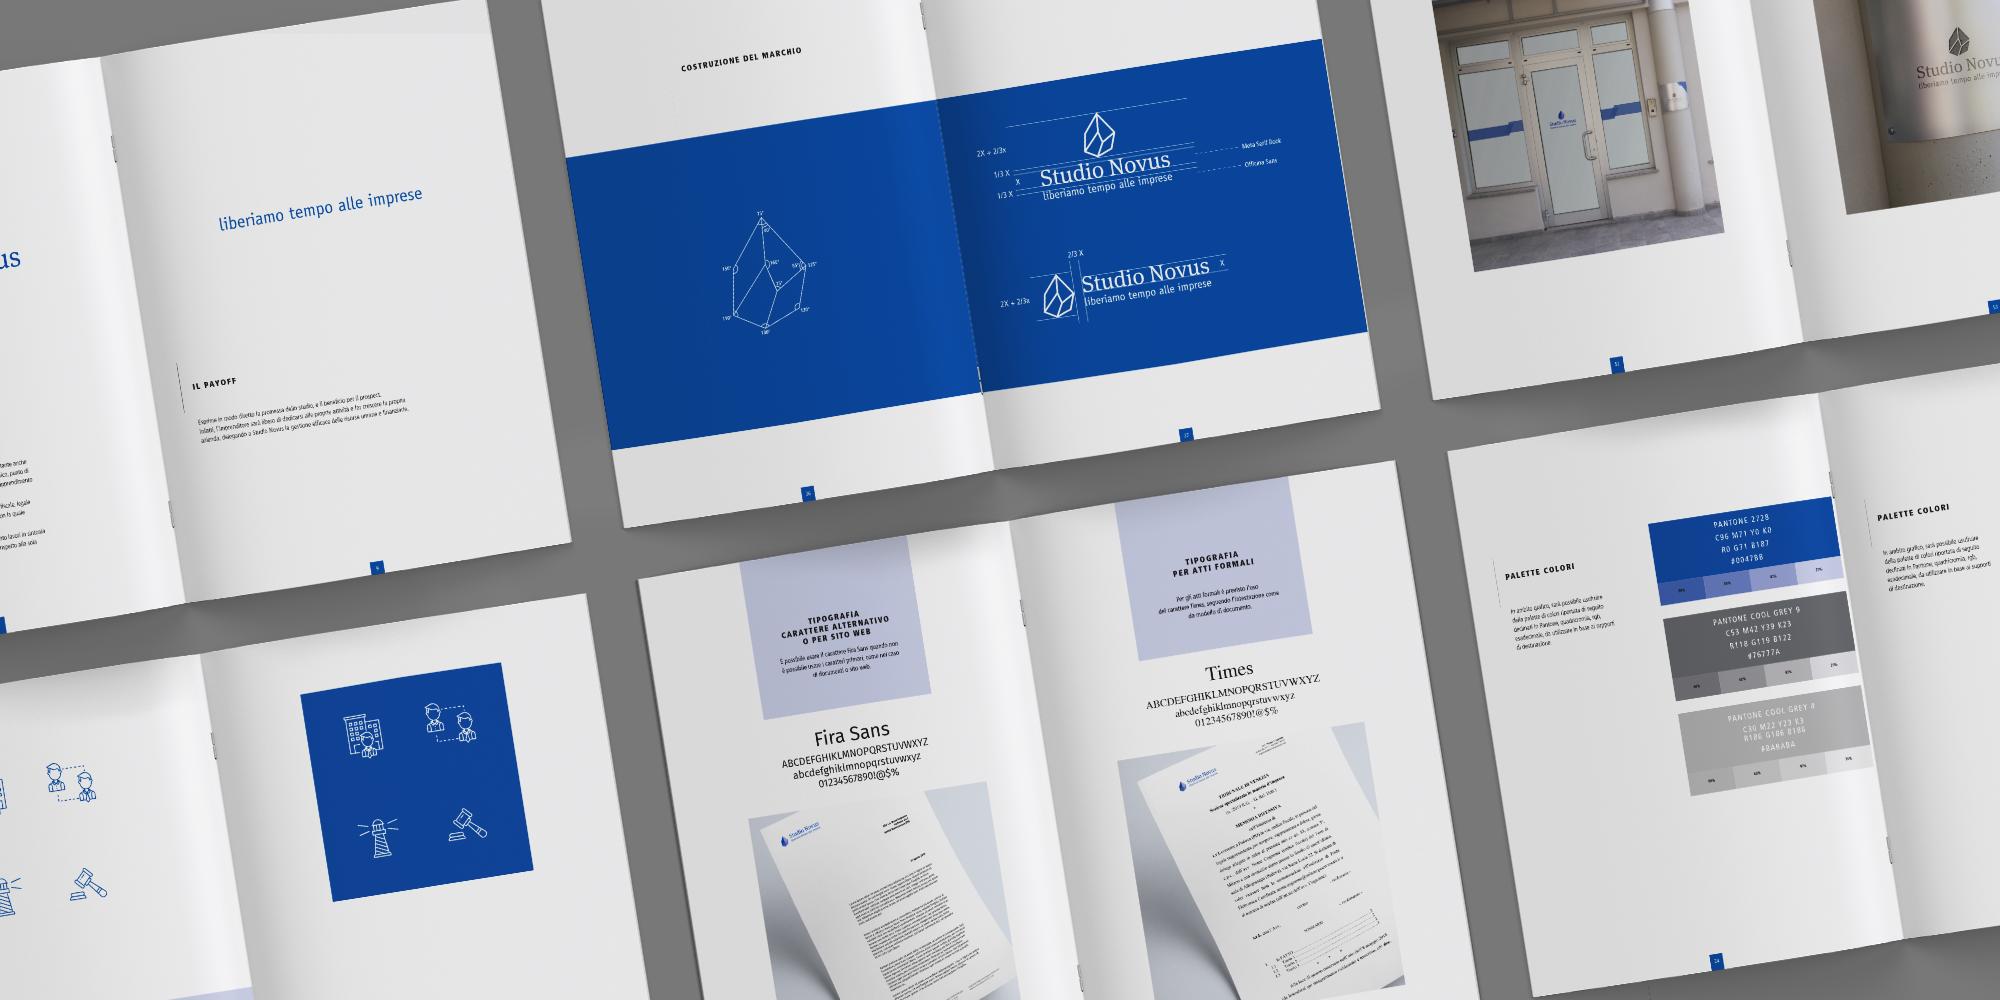 Il manuale d'uso e comportamento della marca: linee guida grafiche e di registro stilistico per la comunicazione d'impresa